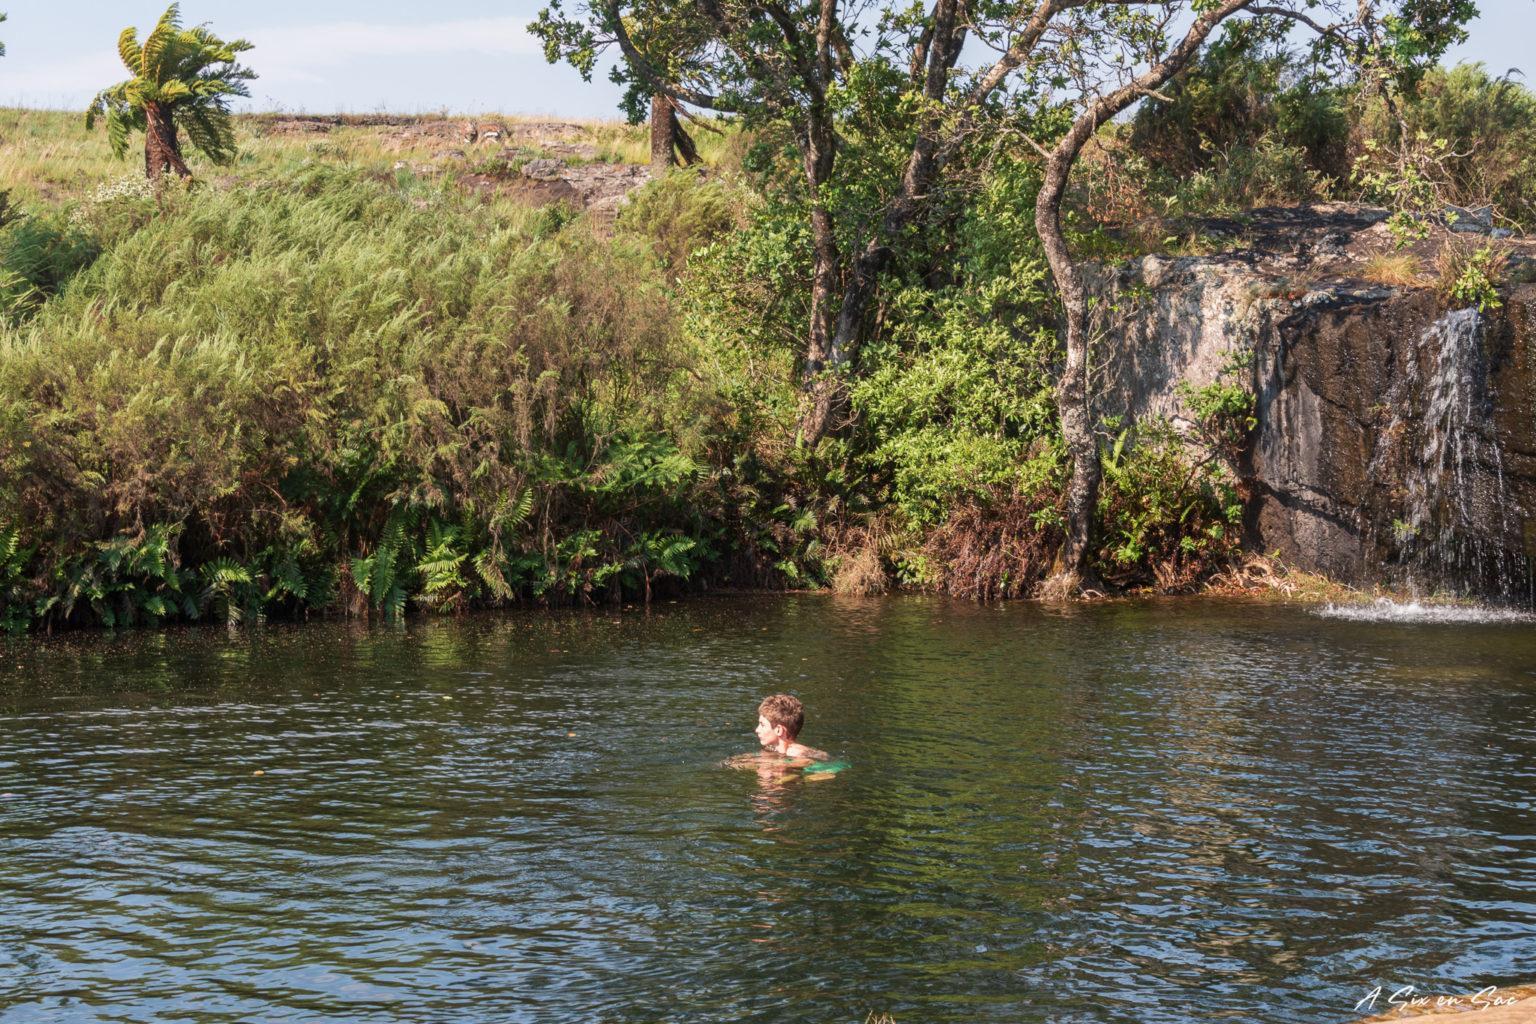 Raphaël dans les Mac Mac Pools dans la province du Mpumalanga aux portes du parc Kruger